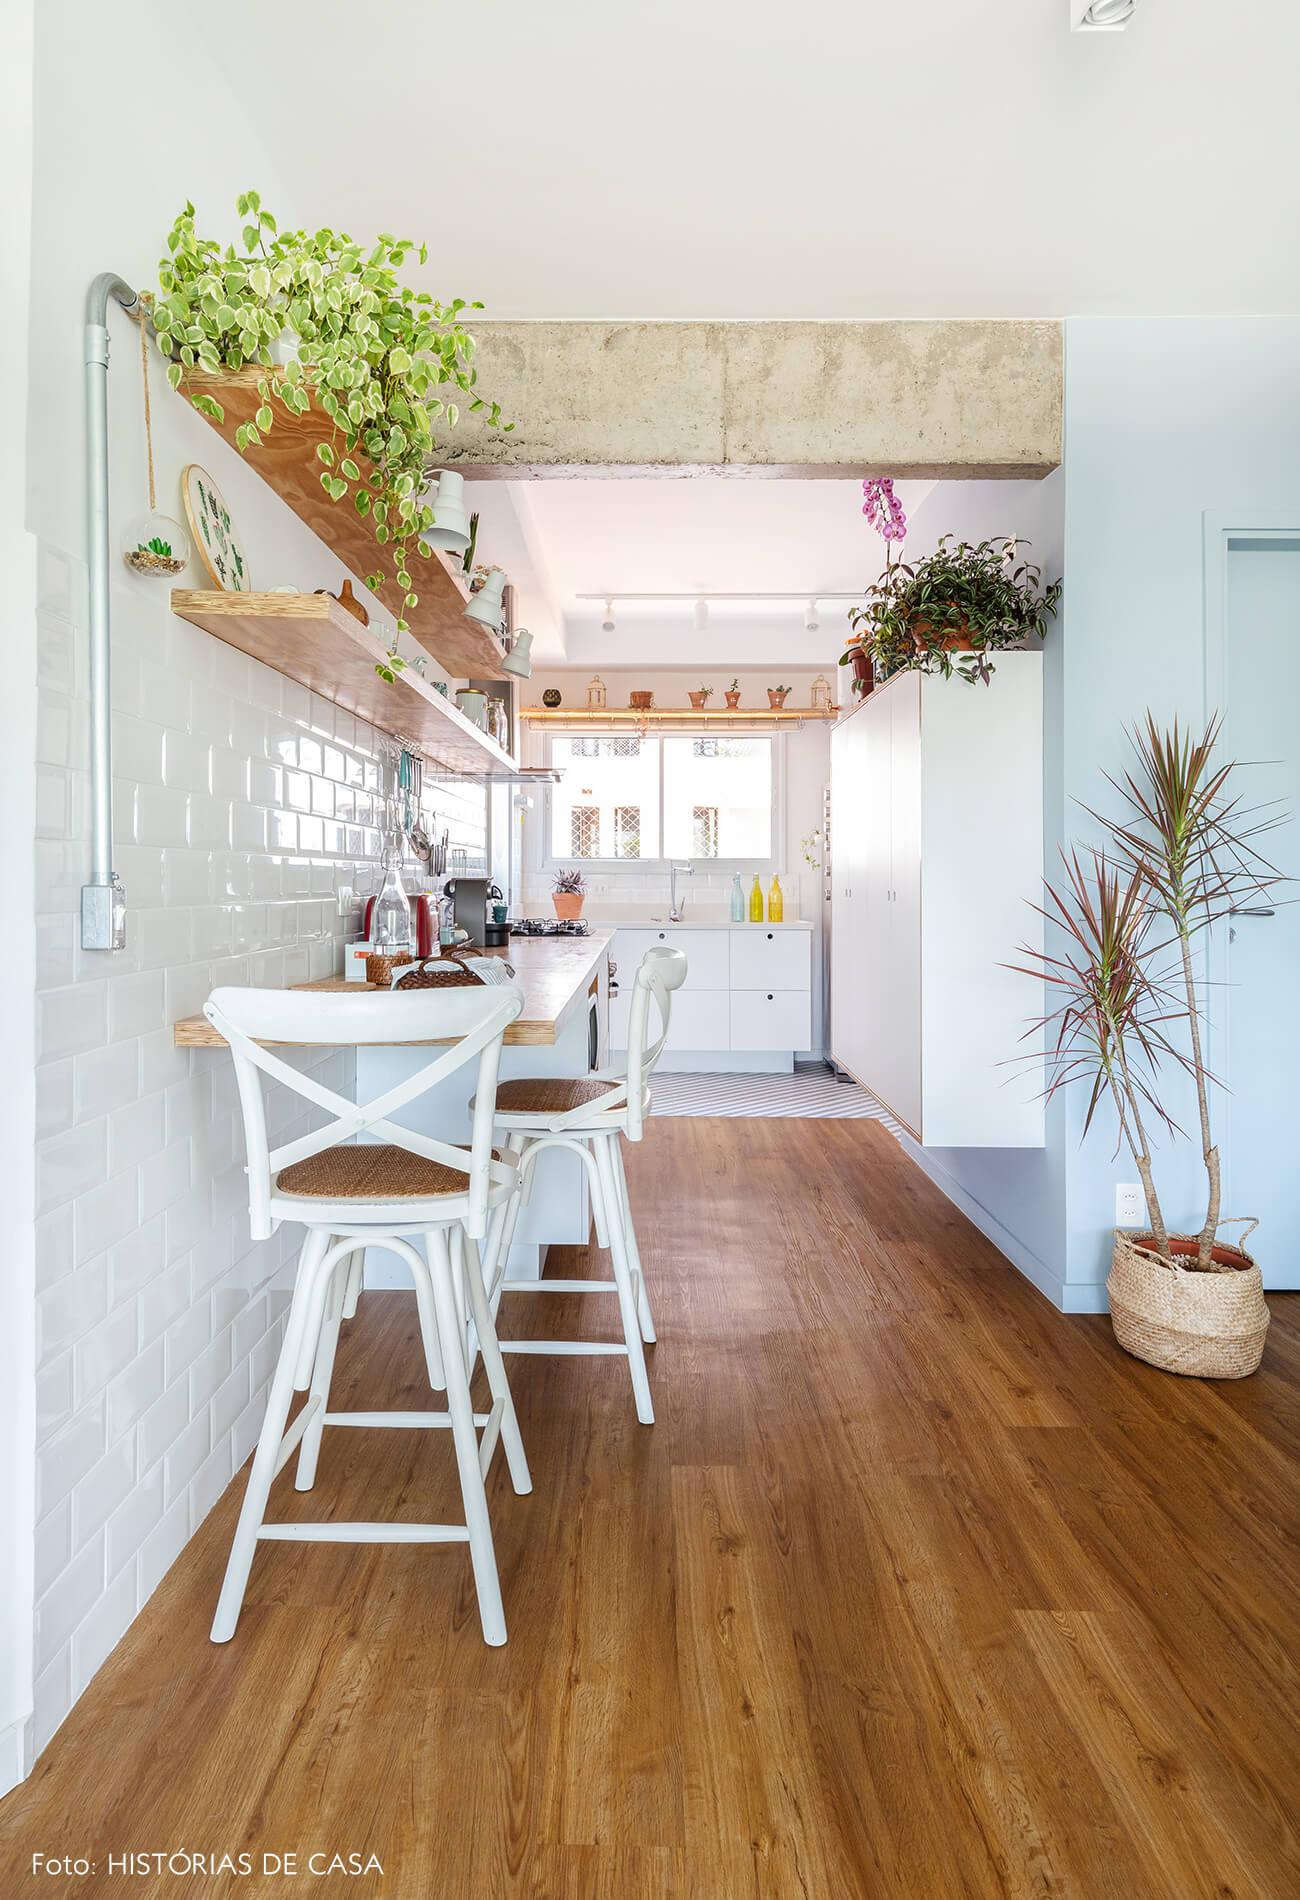 decoração cozinha com azulejo branco e prateleira de madeira, cesto